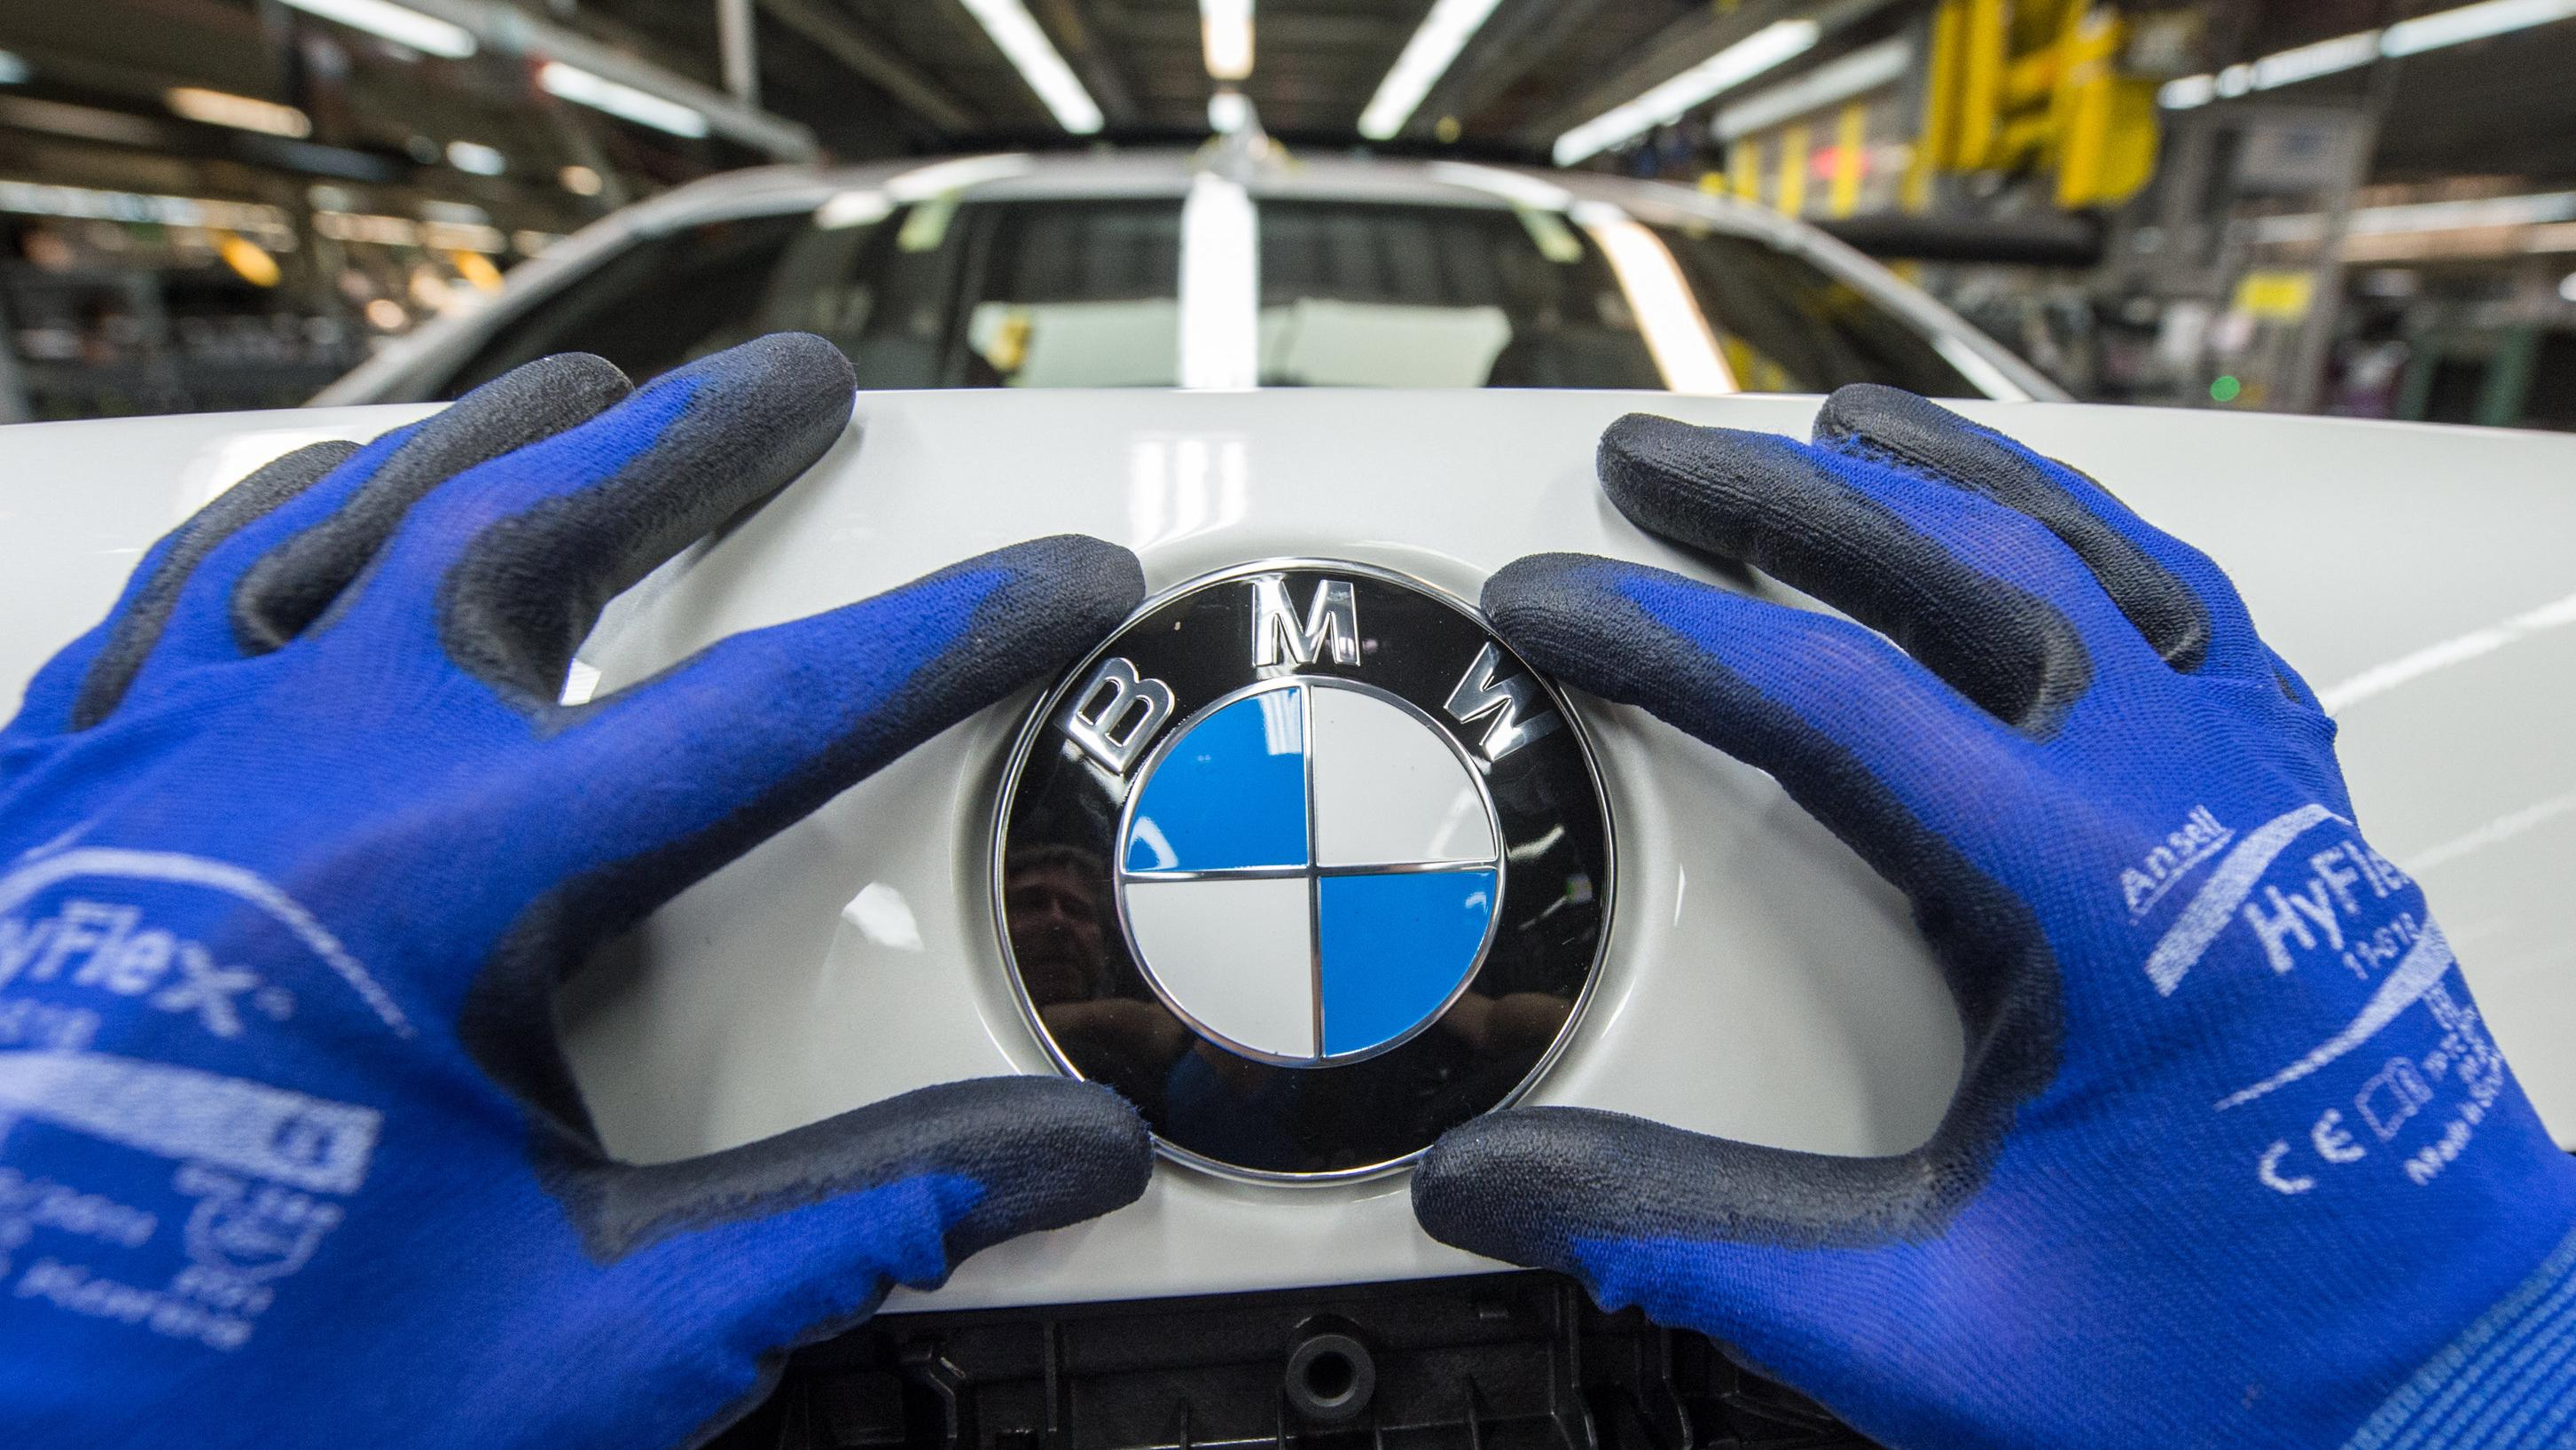 Ein Mitarbeiter montiert ein BMW-Emblem auf den Kofferraumdeckel eines Fahrzeugs der 7er Reihe